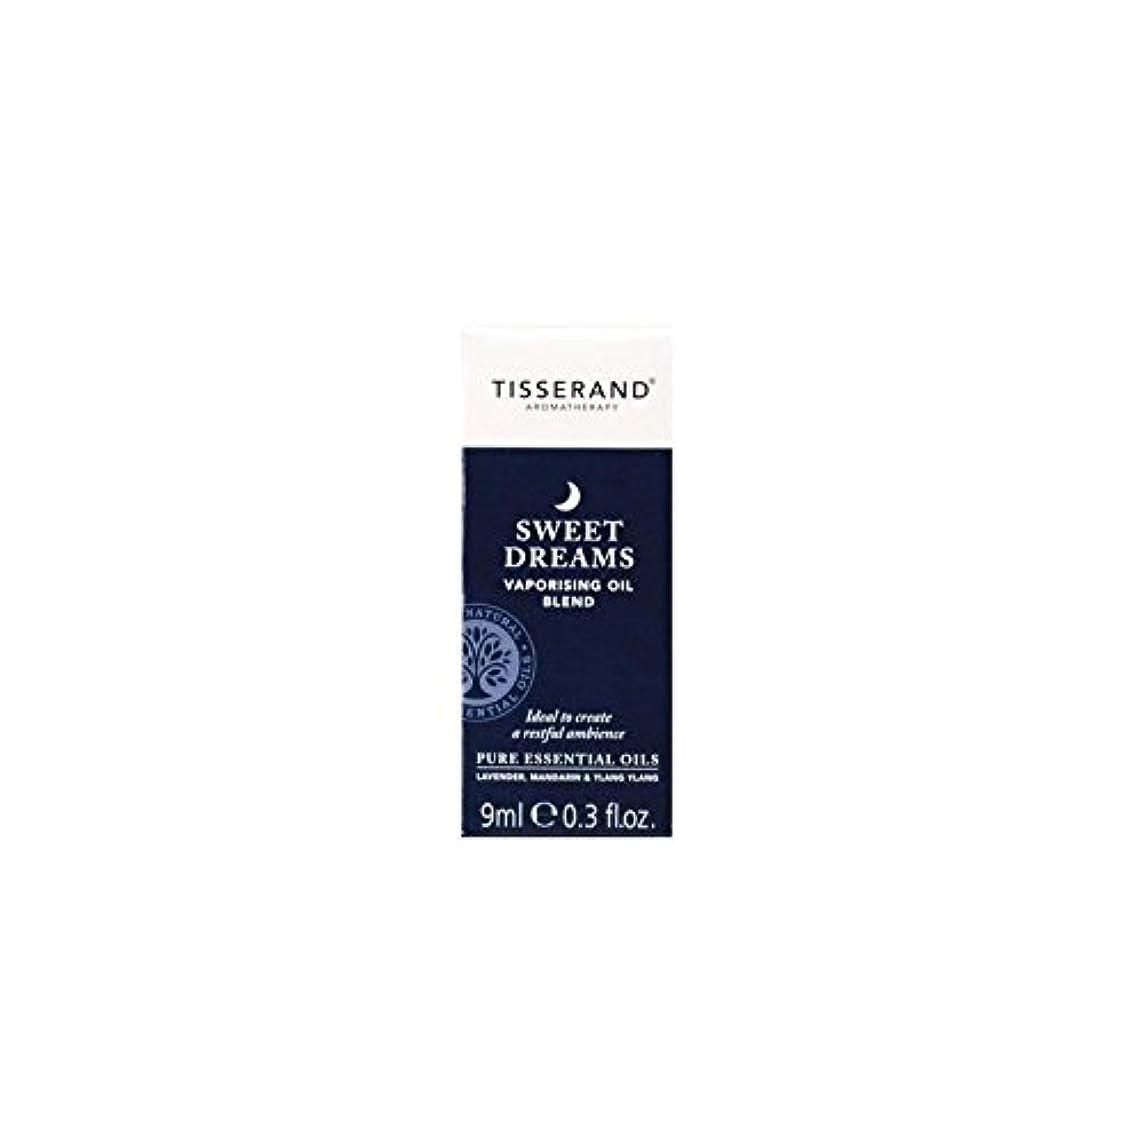 豚肉ペリスコープチェスオイル9ミリリットルを気化甘い夢 (Tisserand) (x 4) - Tisserand Sweet Dreams Vaporising Oil 9ml (Pack of 4) [並行輸入品]